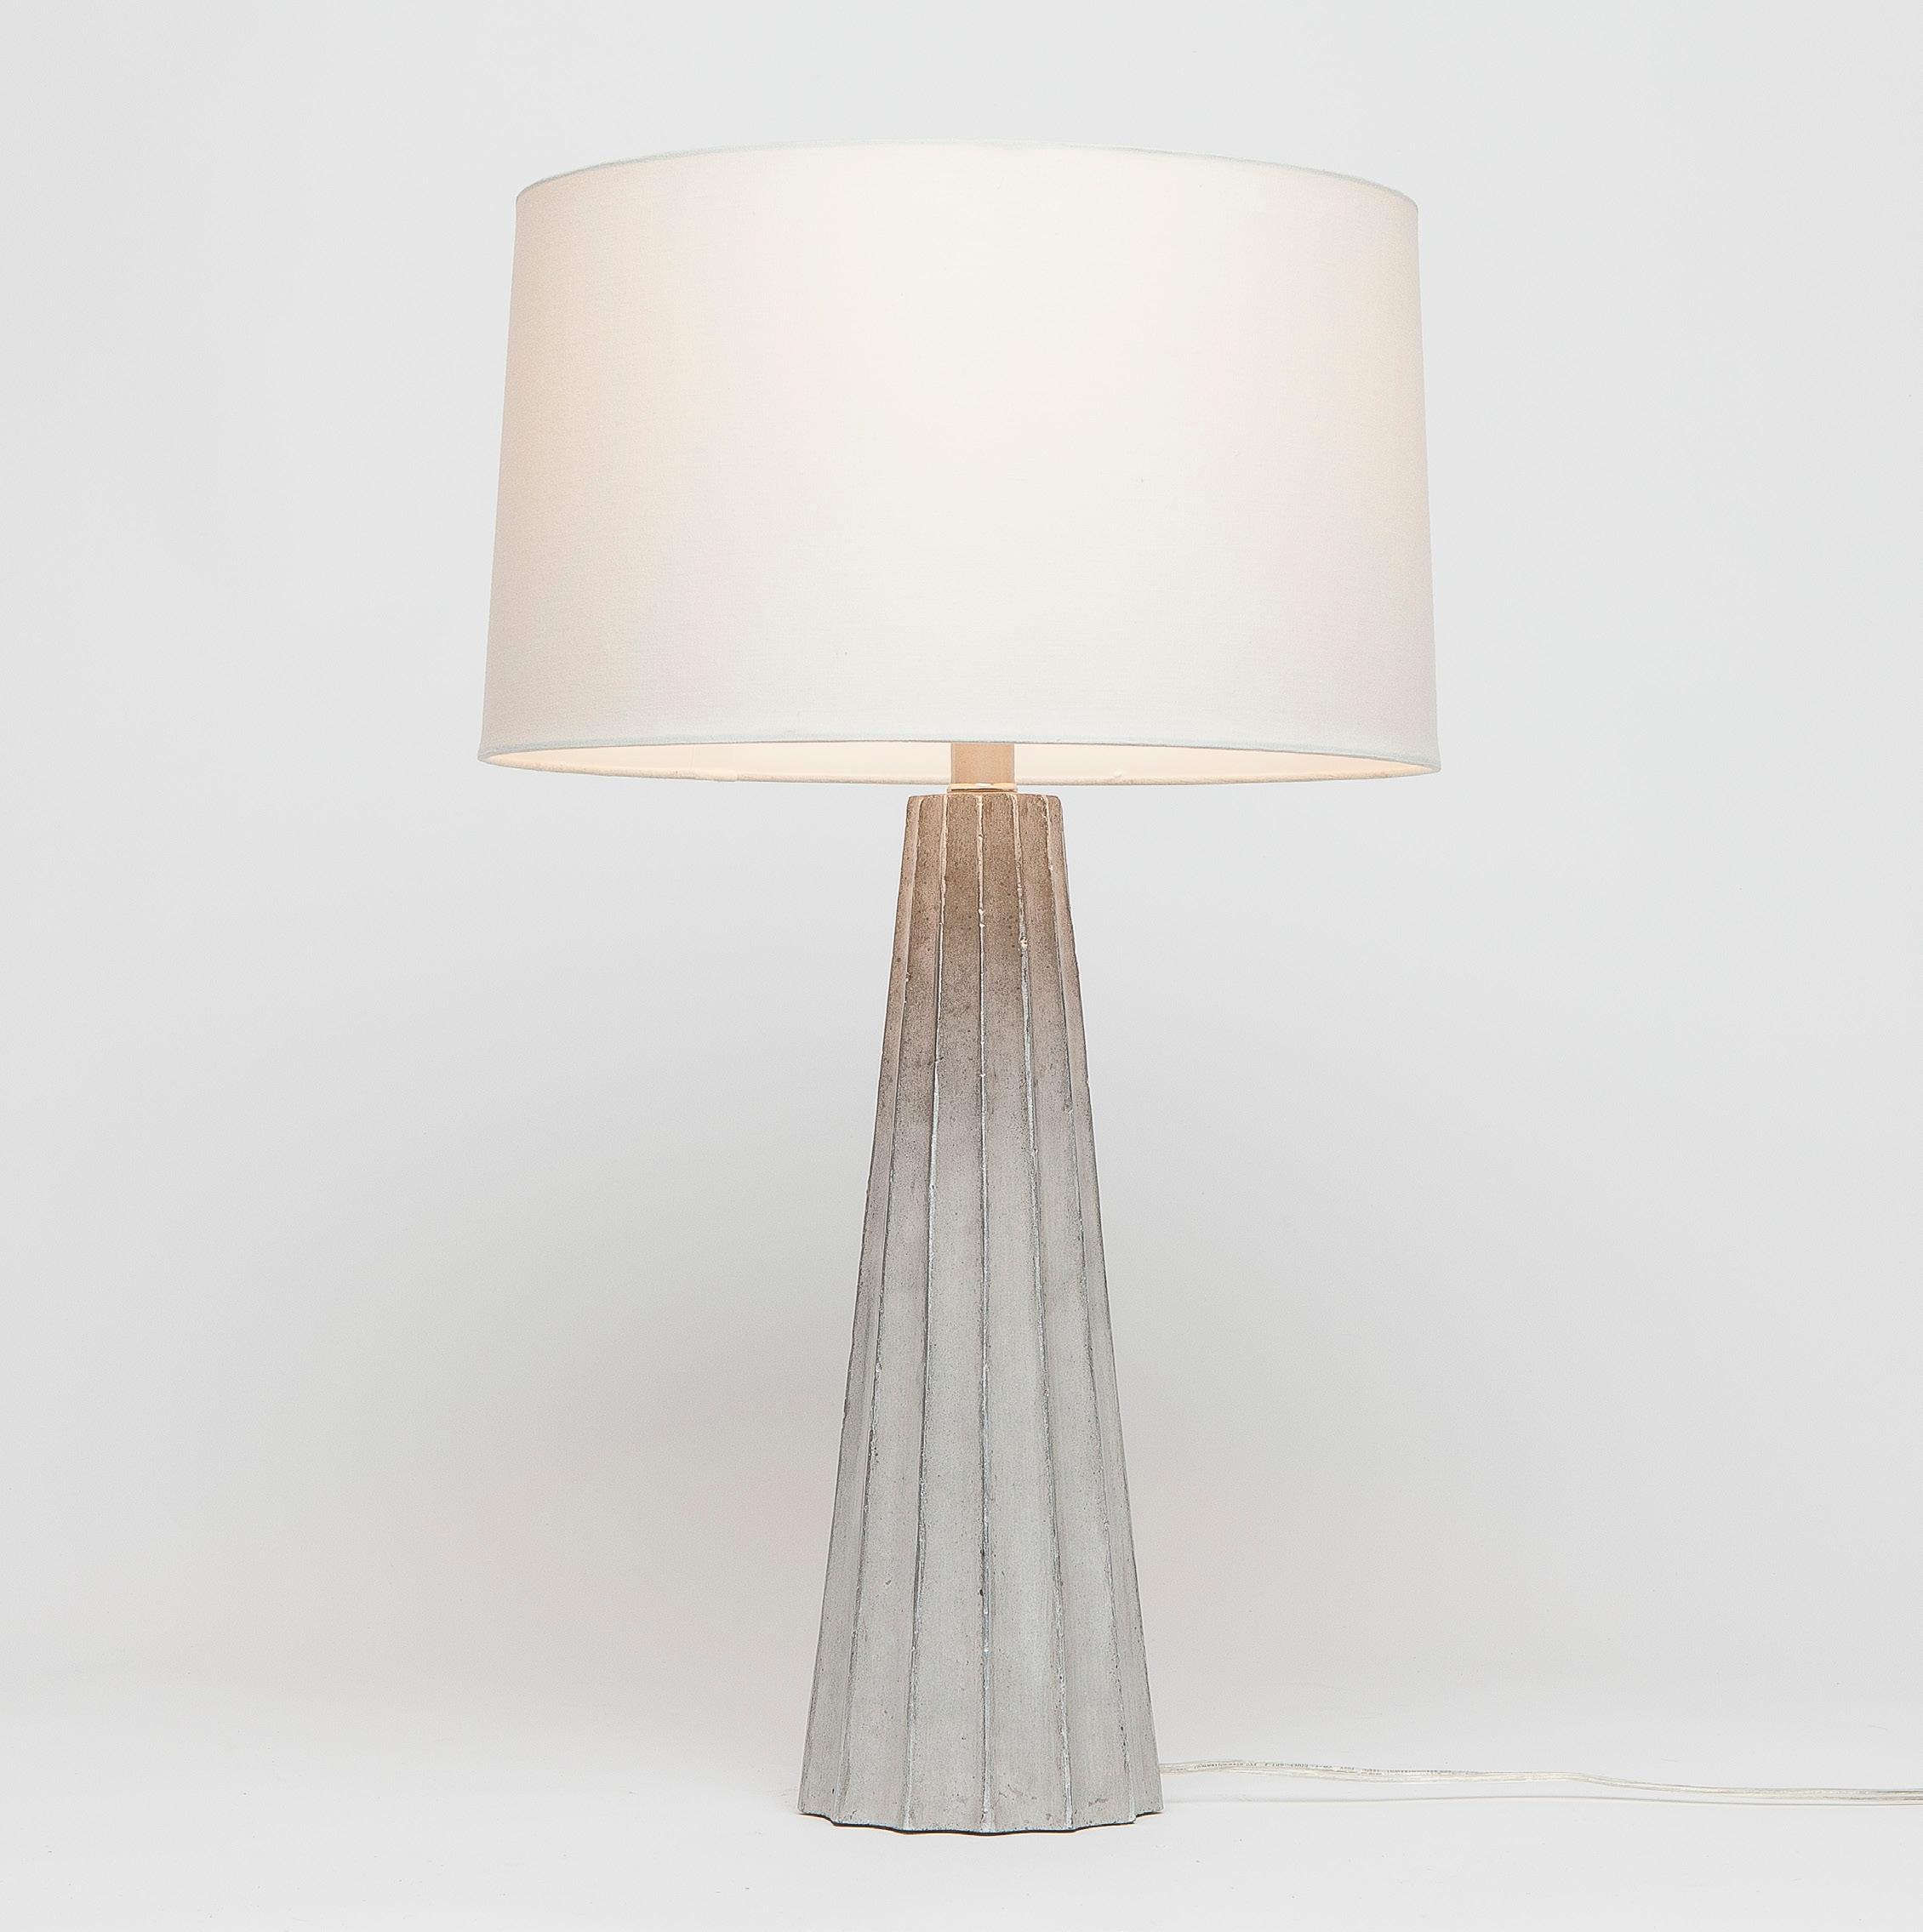 Bon Estelle Concrete Table Lamp